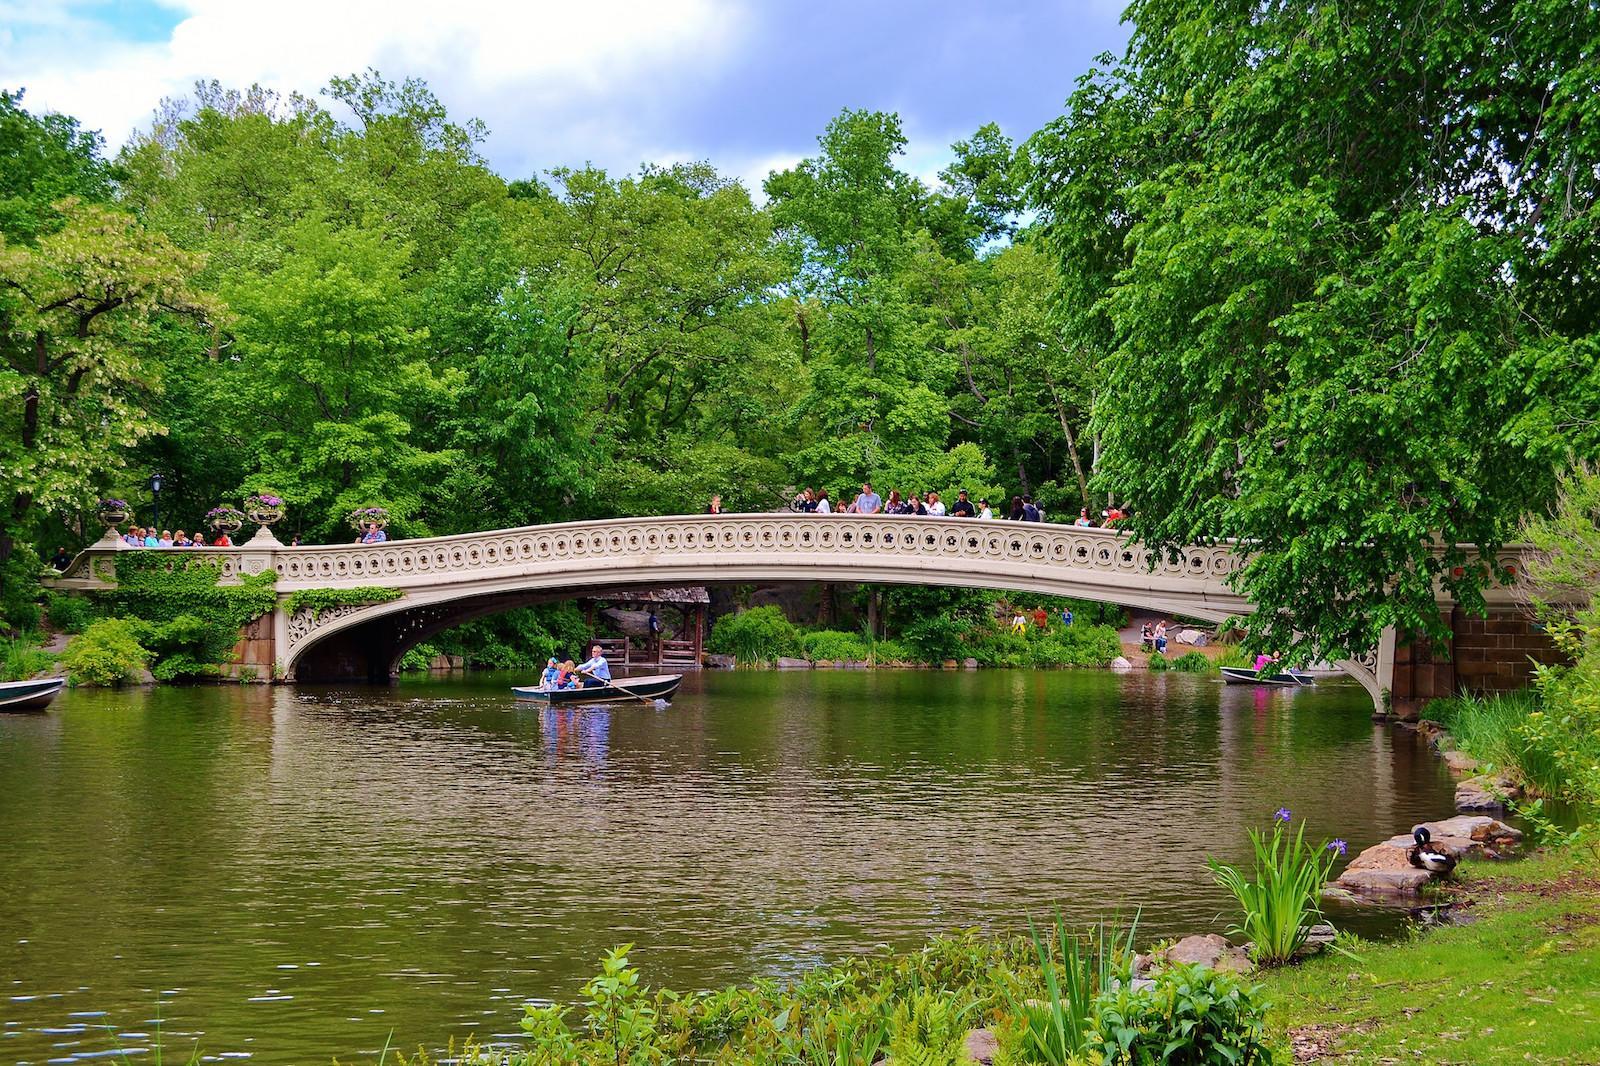 Verano en Central Park